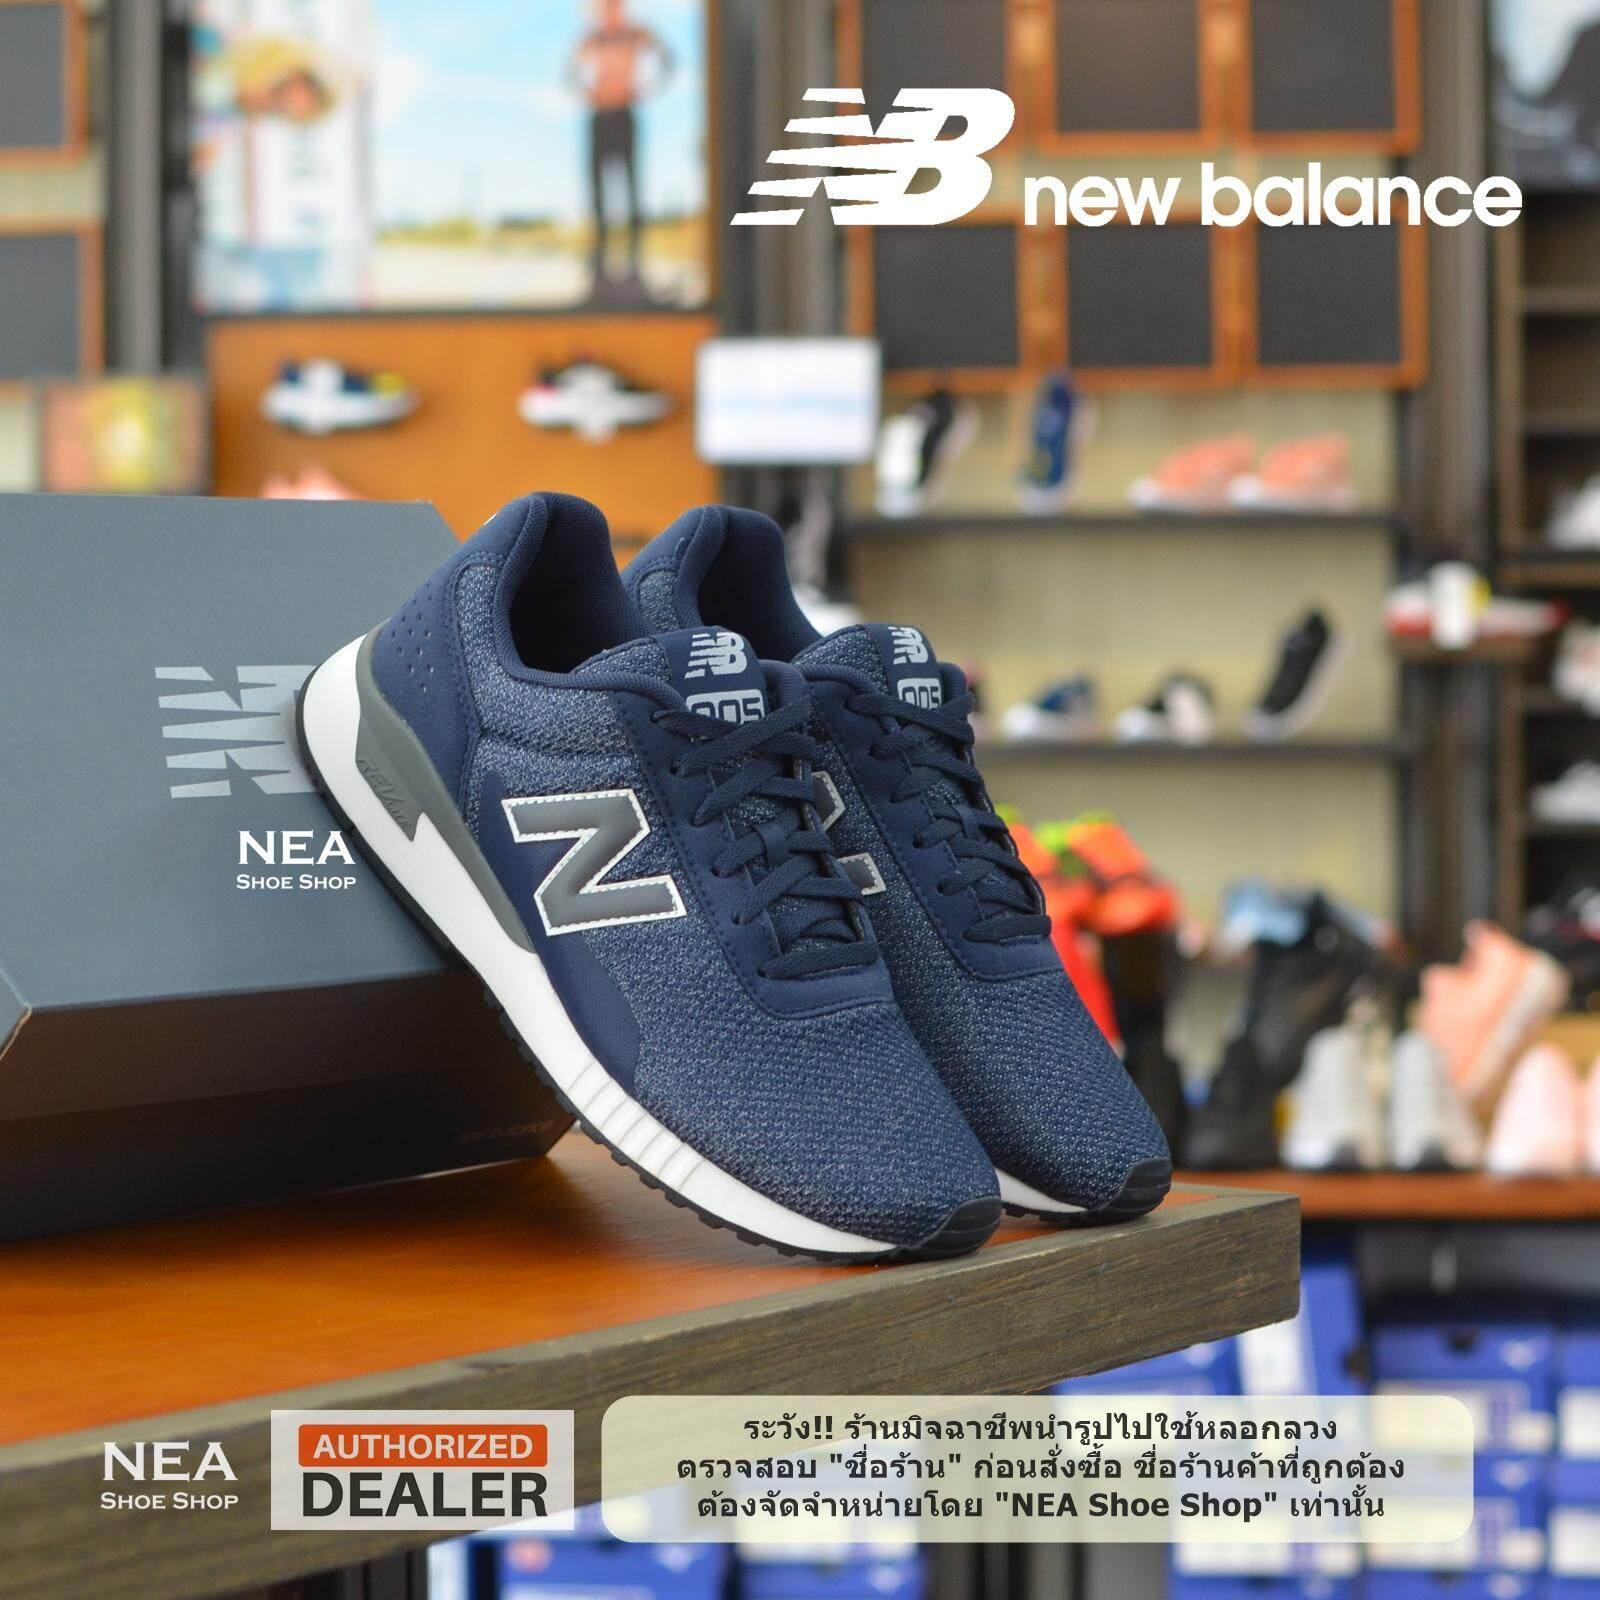 ยี่ห้อนี้ดีไหม  พังงา [ลิขสิทธิ์แท้] New Balance 005 Classic Navy MRL005MA รองเท้า นิวบาลานซ์ ผู้ชาย